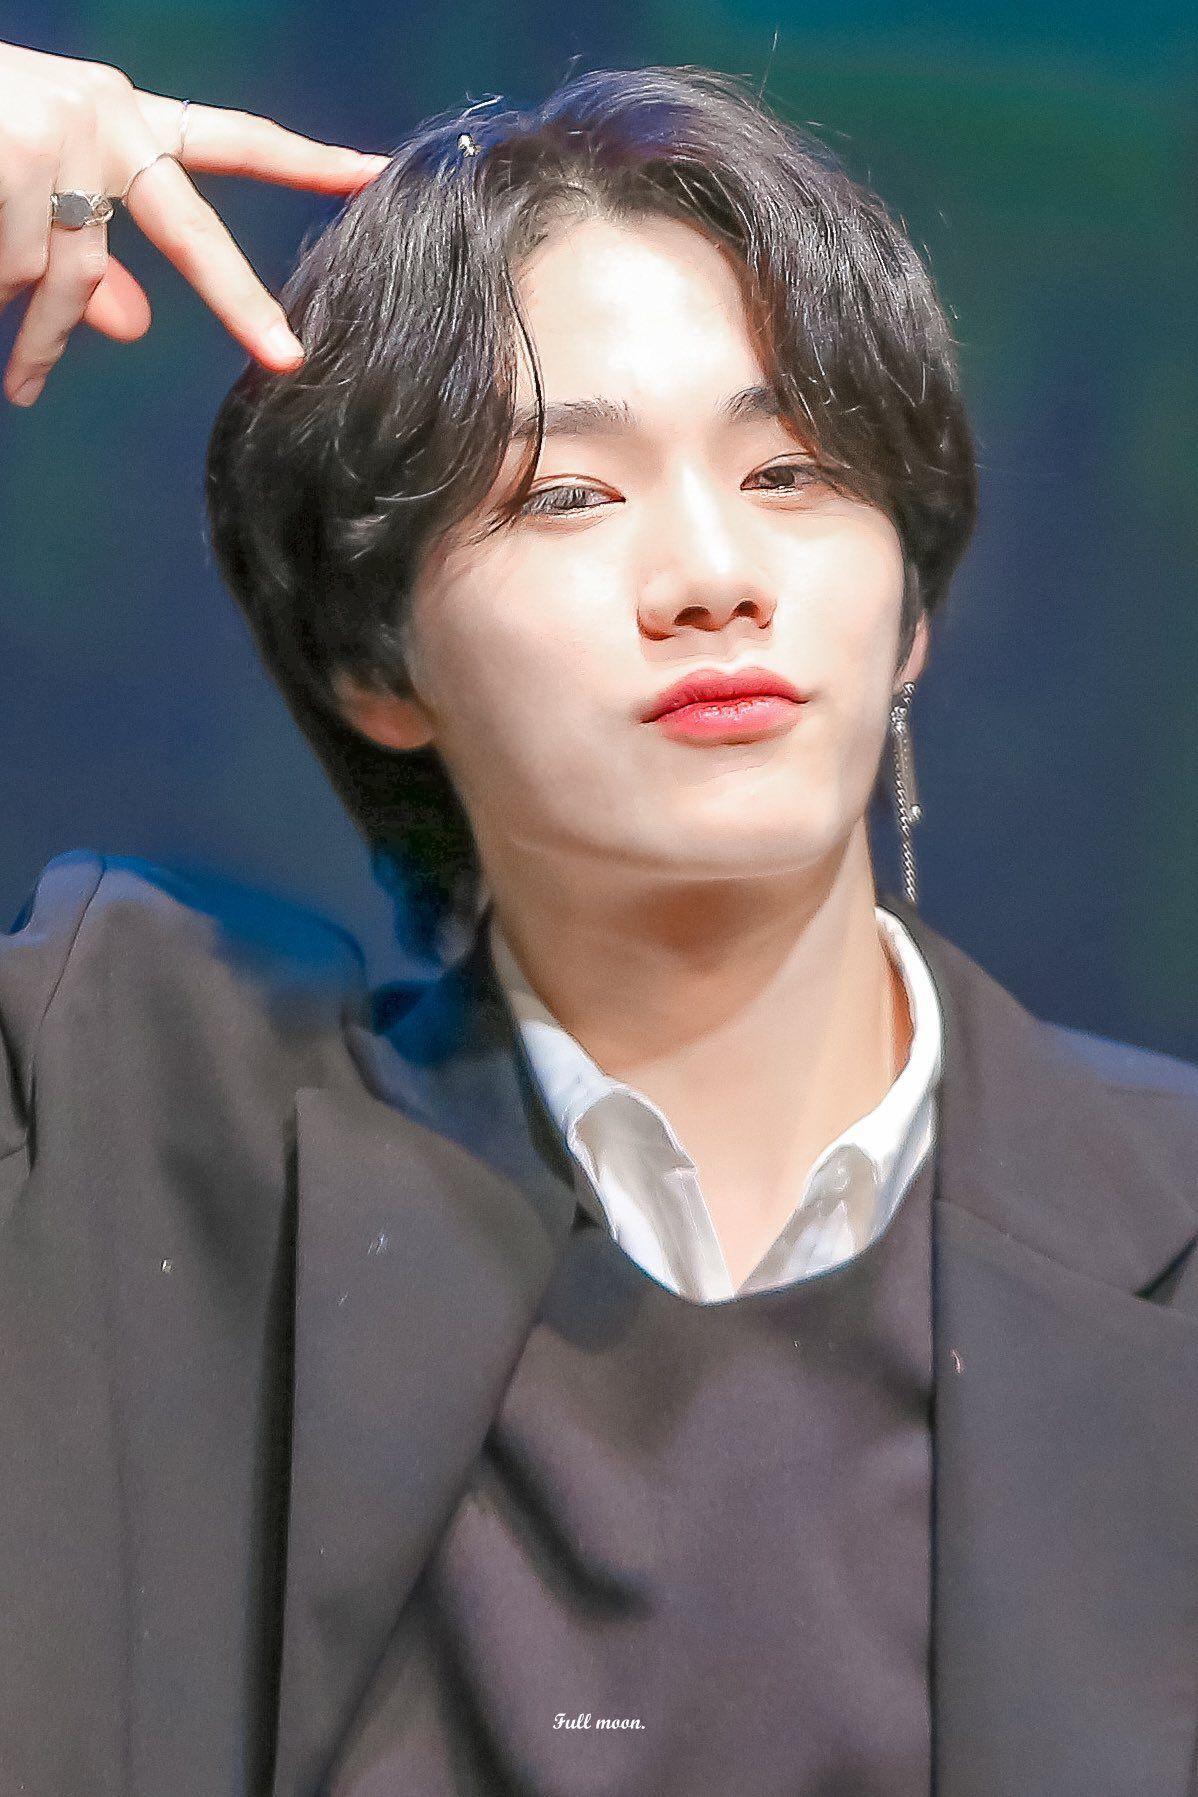 Dkb Lune Dkb Lune Handsome Faces Photo Dump Lee Sung Min